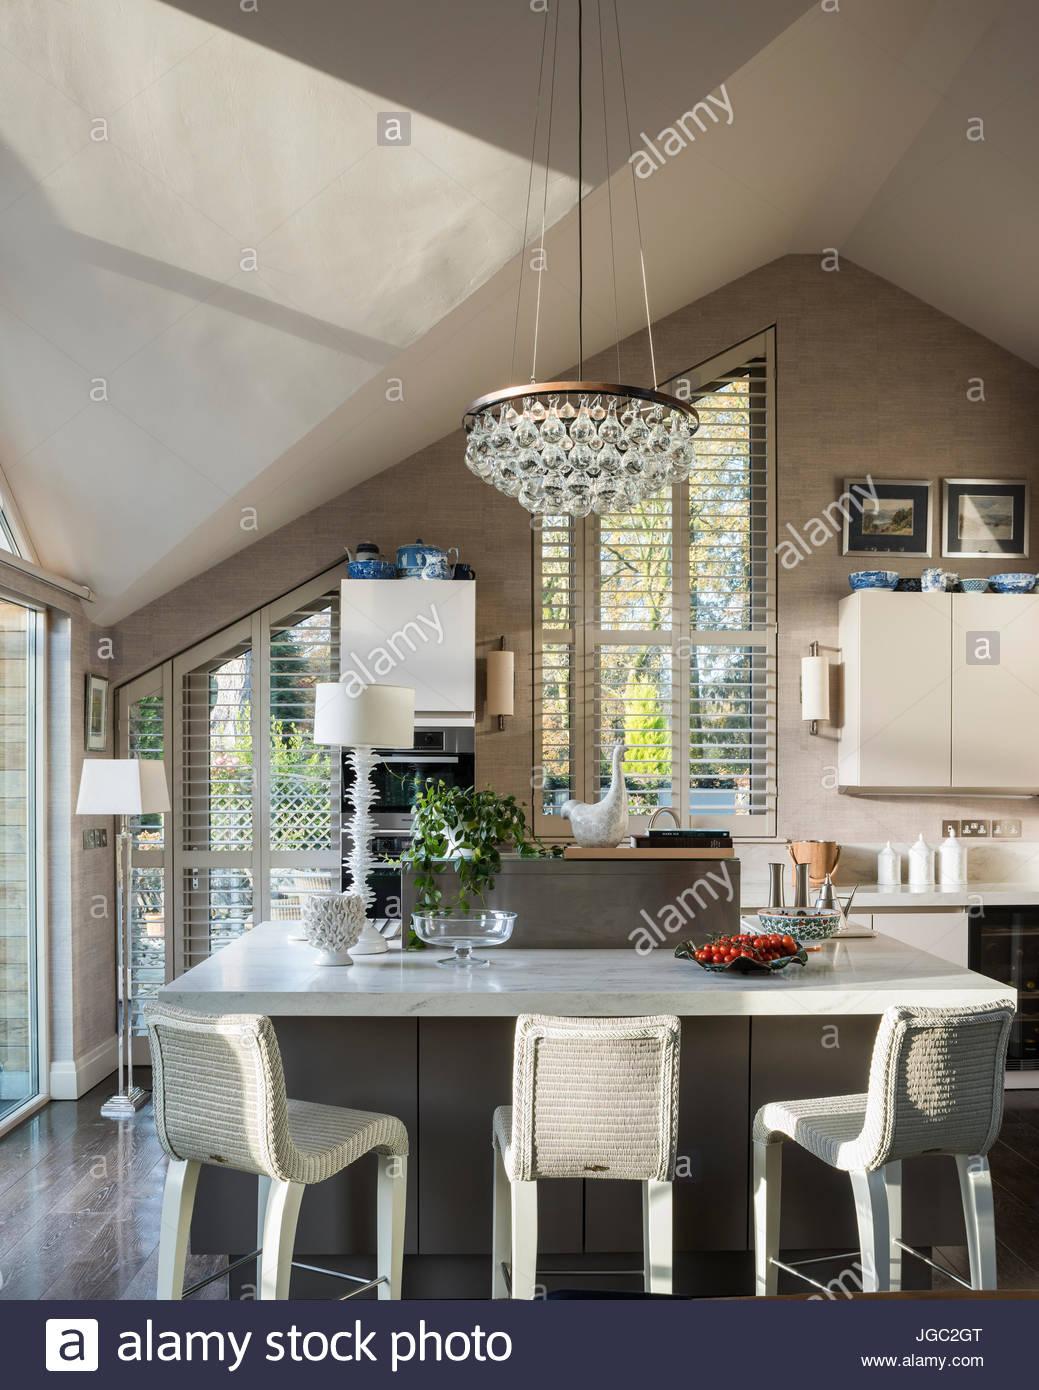 Pendentif ampoule au-dessus d'un comptoir à petit-déjeuner dans une cuisine du berceau Photo Stock